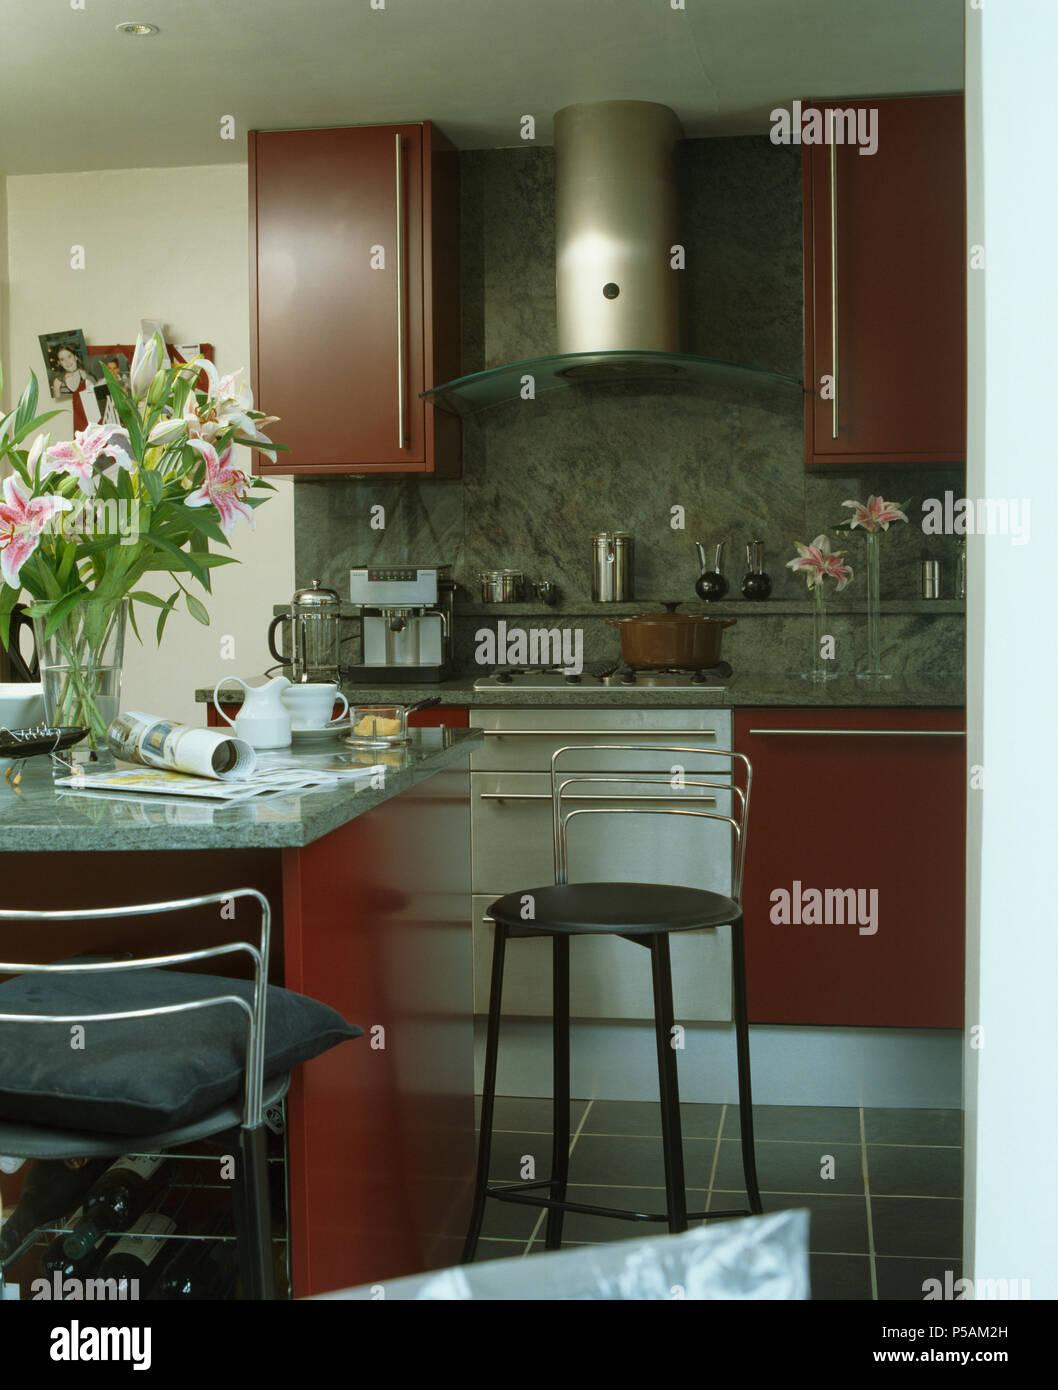 Chrom Hocker an der Theke in der modernen Küche mit Edelstahl ...